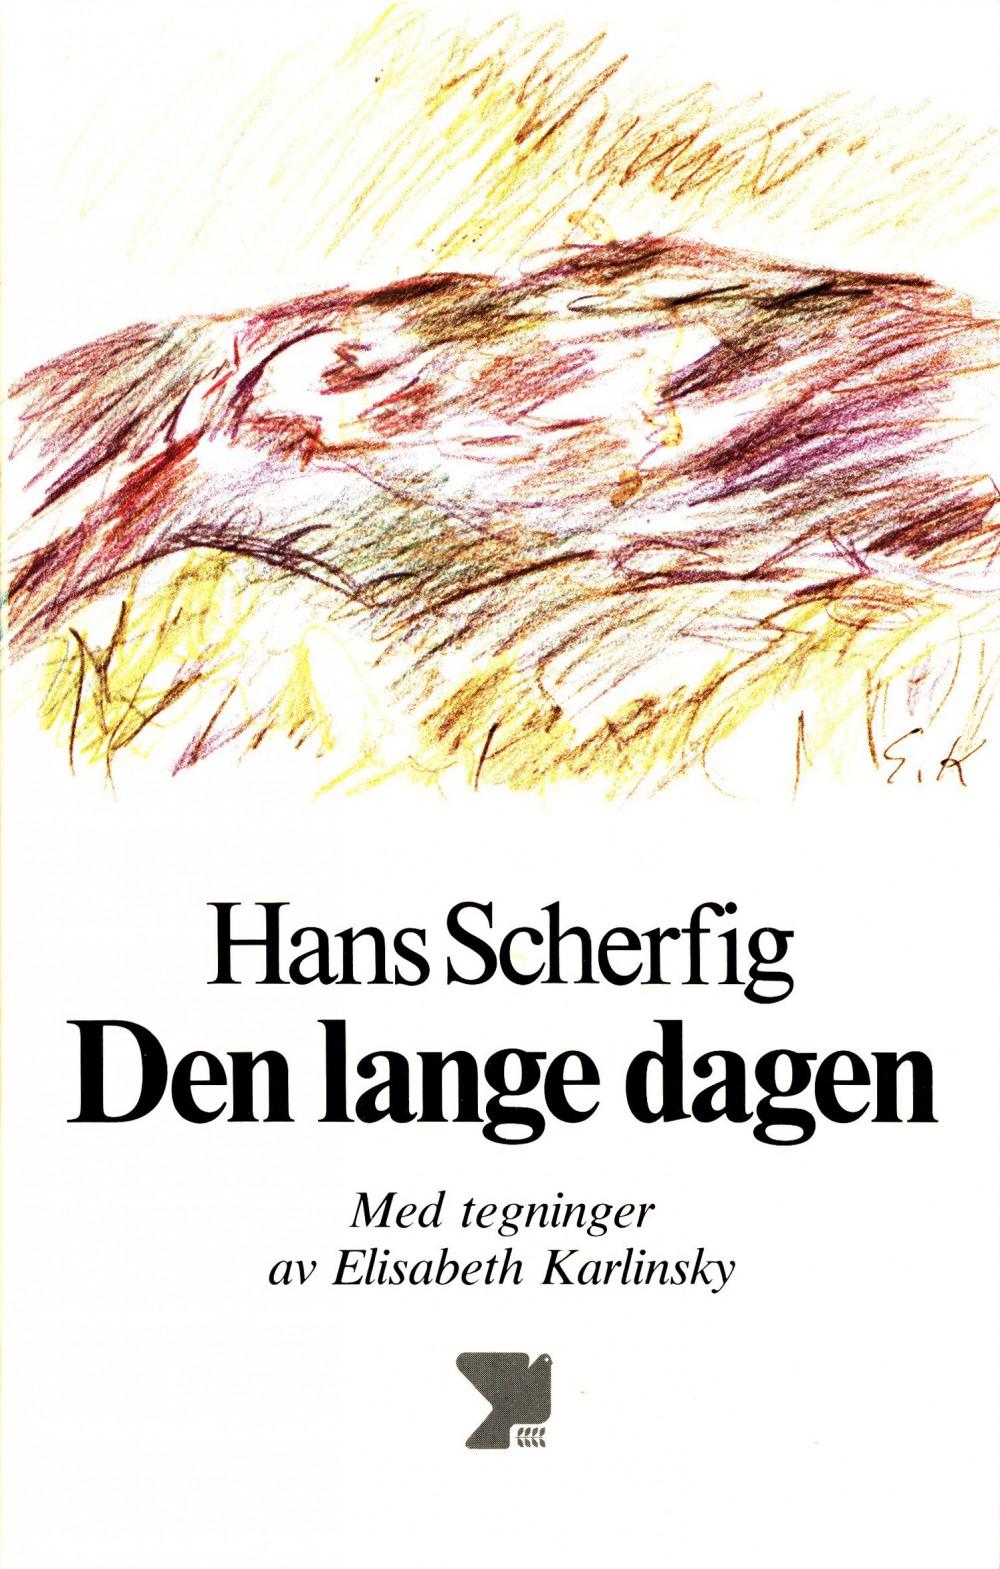 Hans Scherfig: Den lange dagen